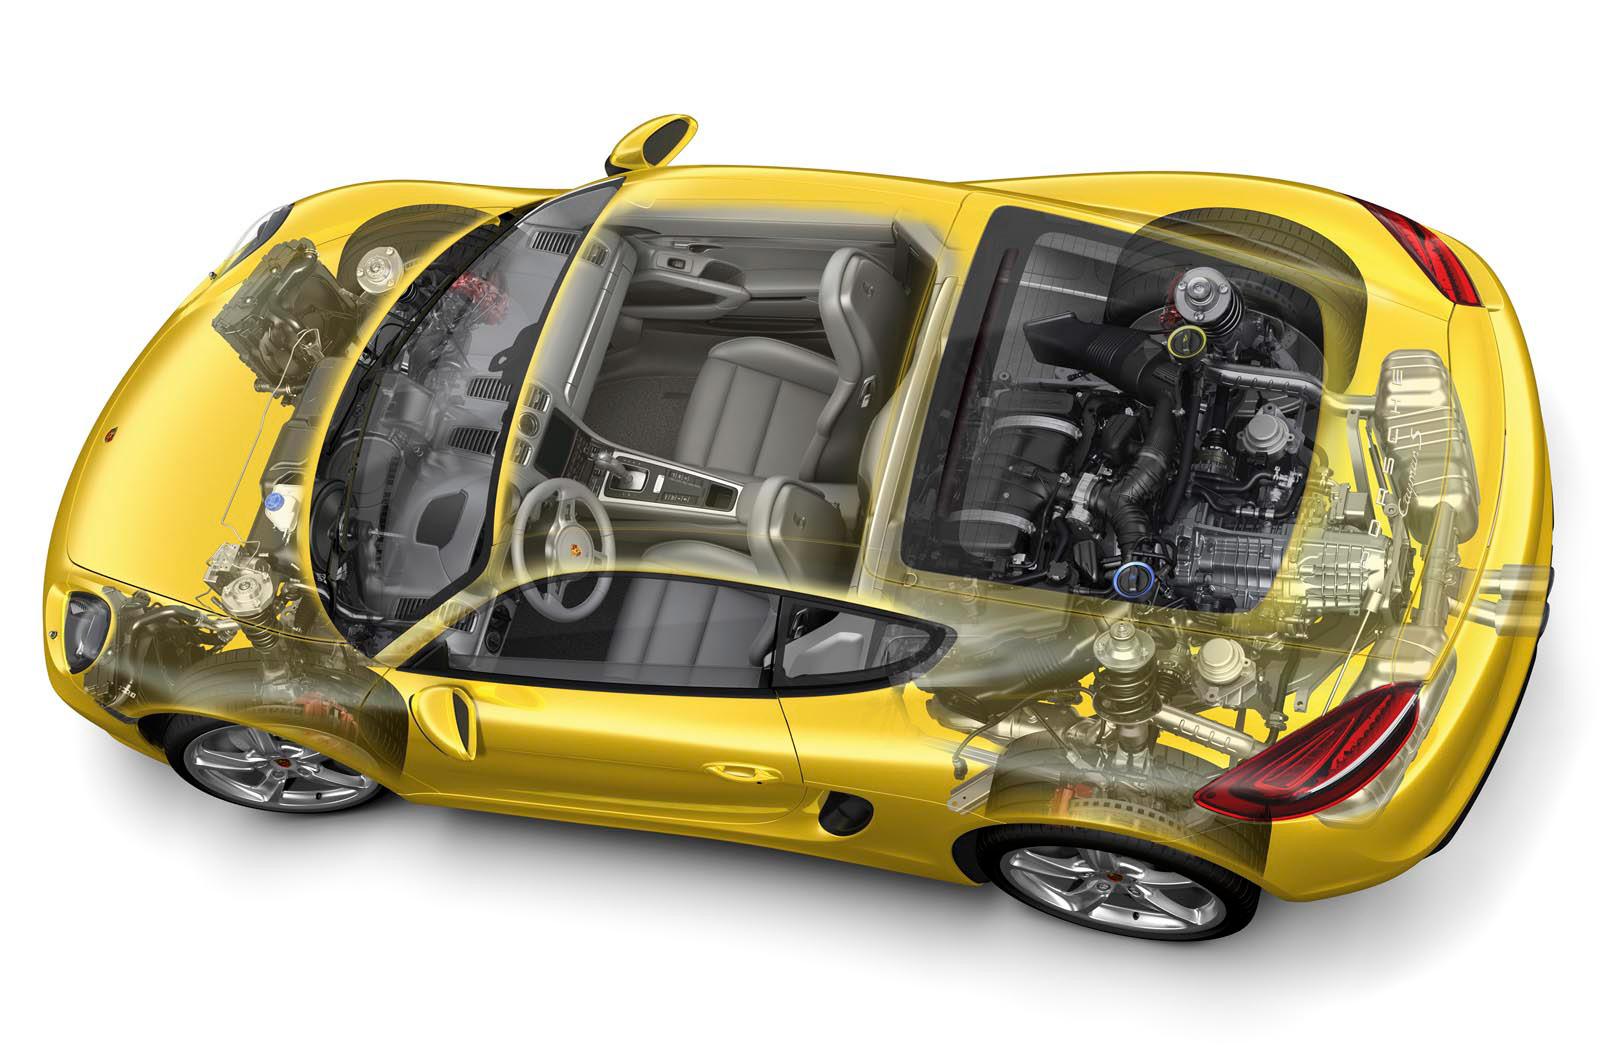 Porsche Cayman cutaway